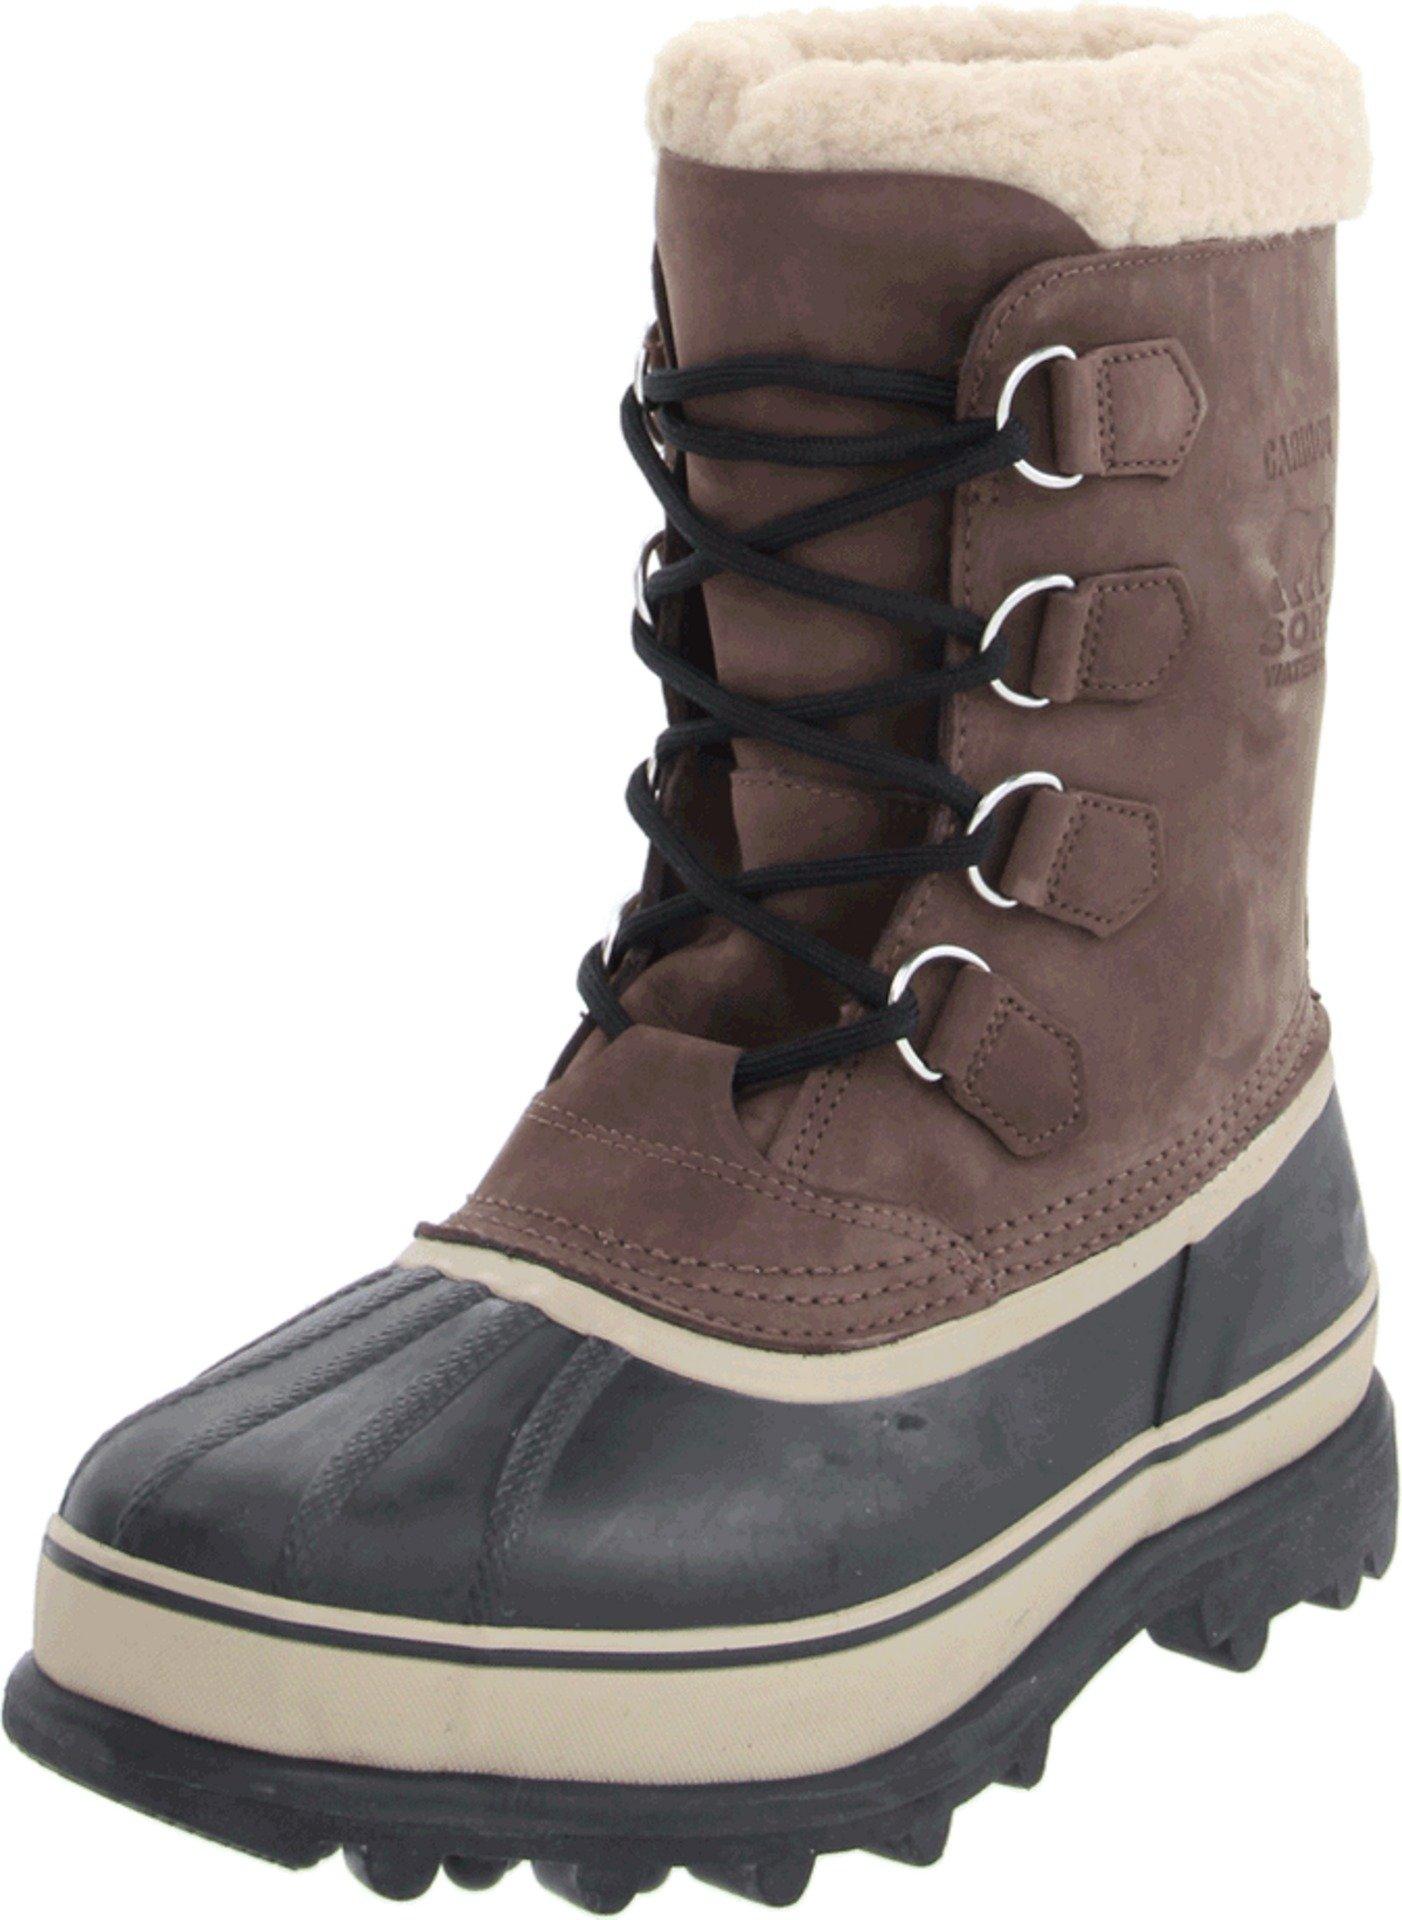 Sorel Men's Caribou NM1000 Boot,Bruno,8.5 M